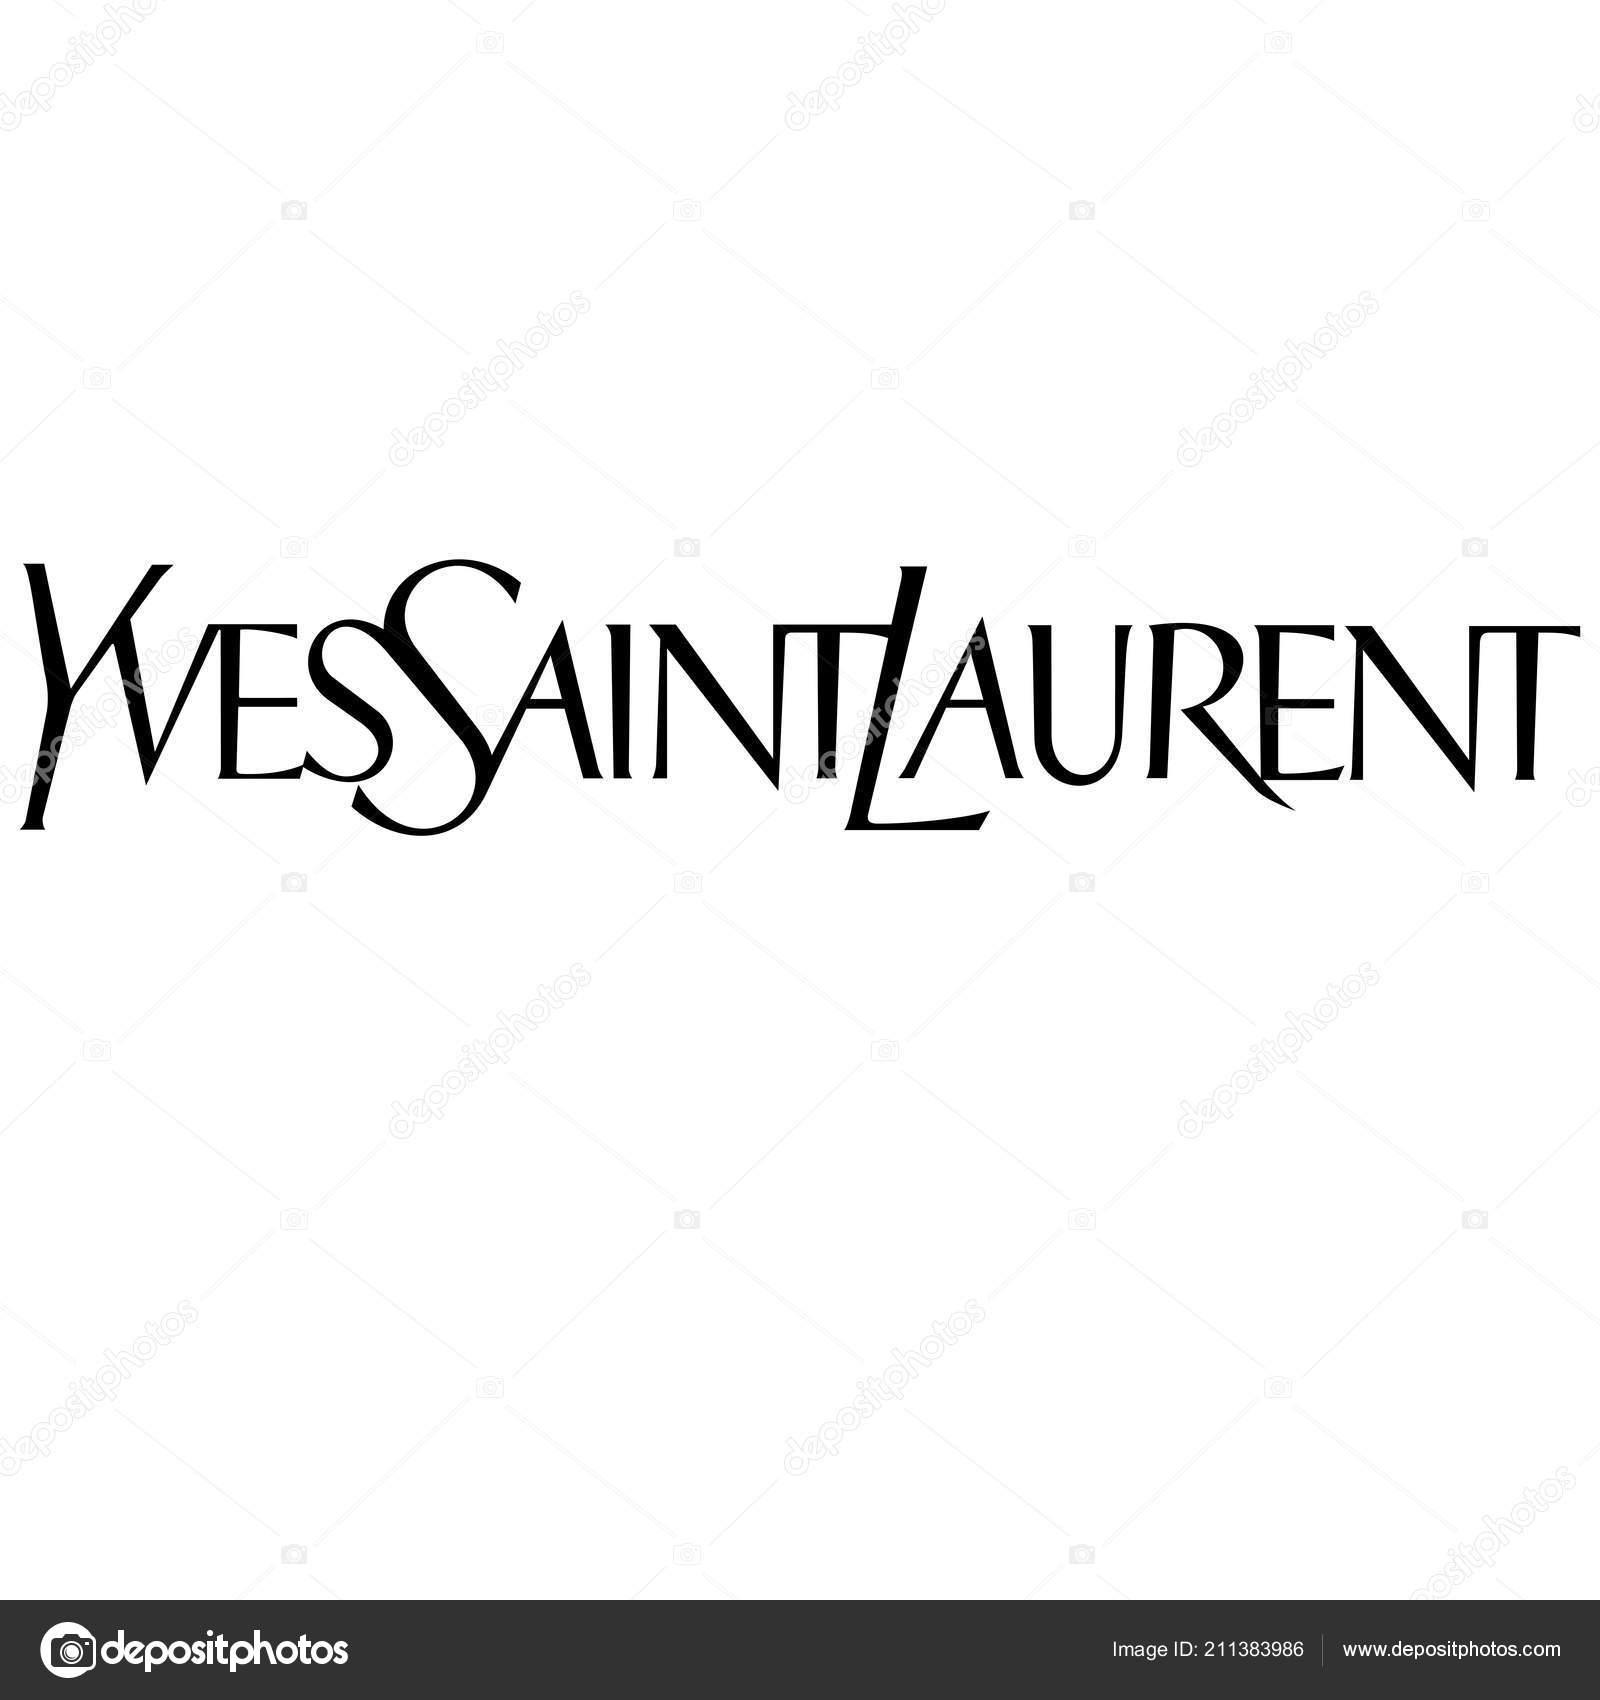 a3e4c1774c722 Yves Saint Laurent Logotipo Moda Luxo Marca Roupas Ilustração — Fotografia  de Stock